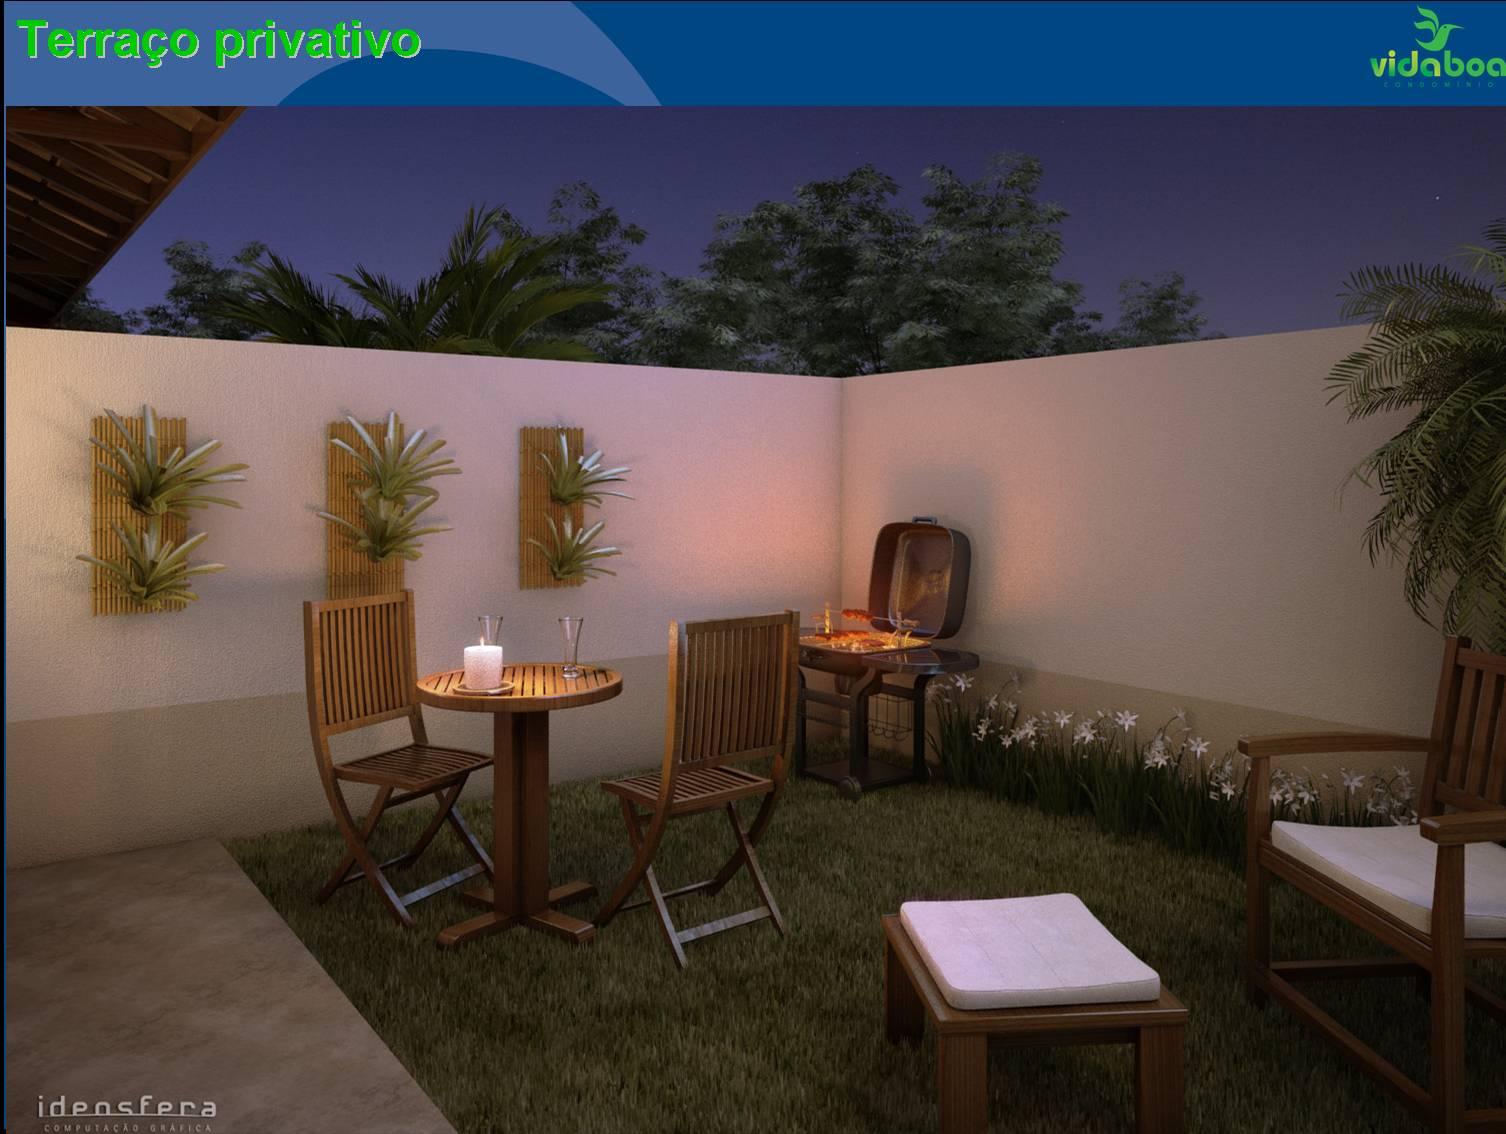 decoracao de jardim e quintal:Meu mundo cor-de-abóbora: A reforma do quintal começou ..